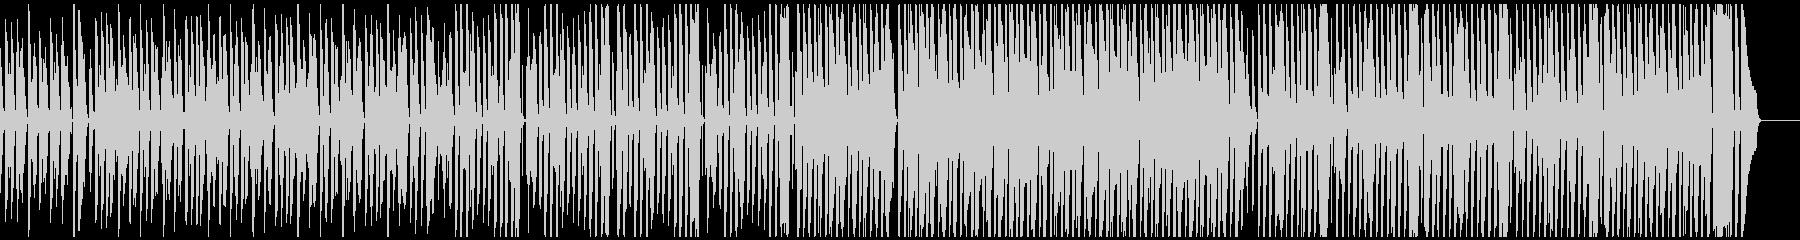 ピアノ口笛リコーダーなど ほのぼのした曲の未再生の波形